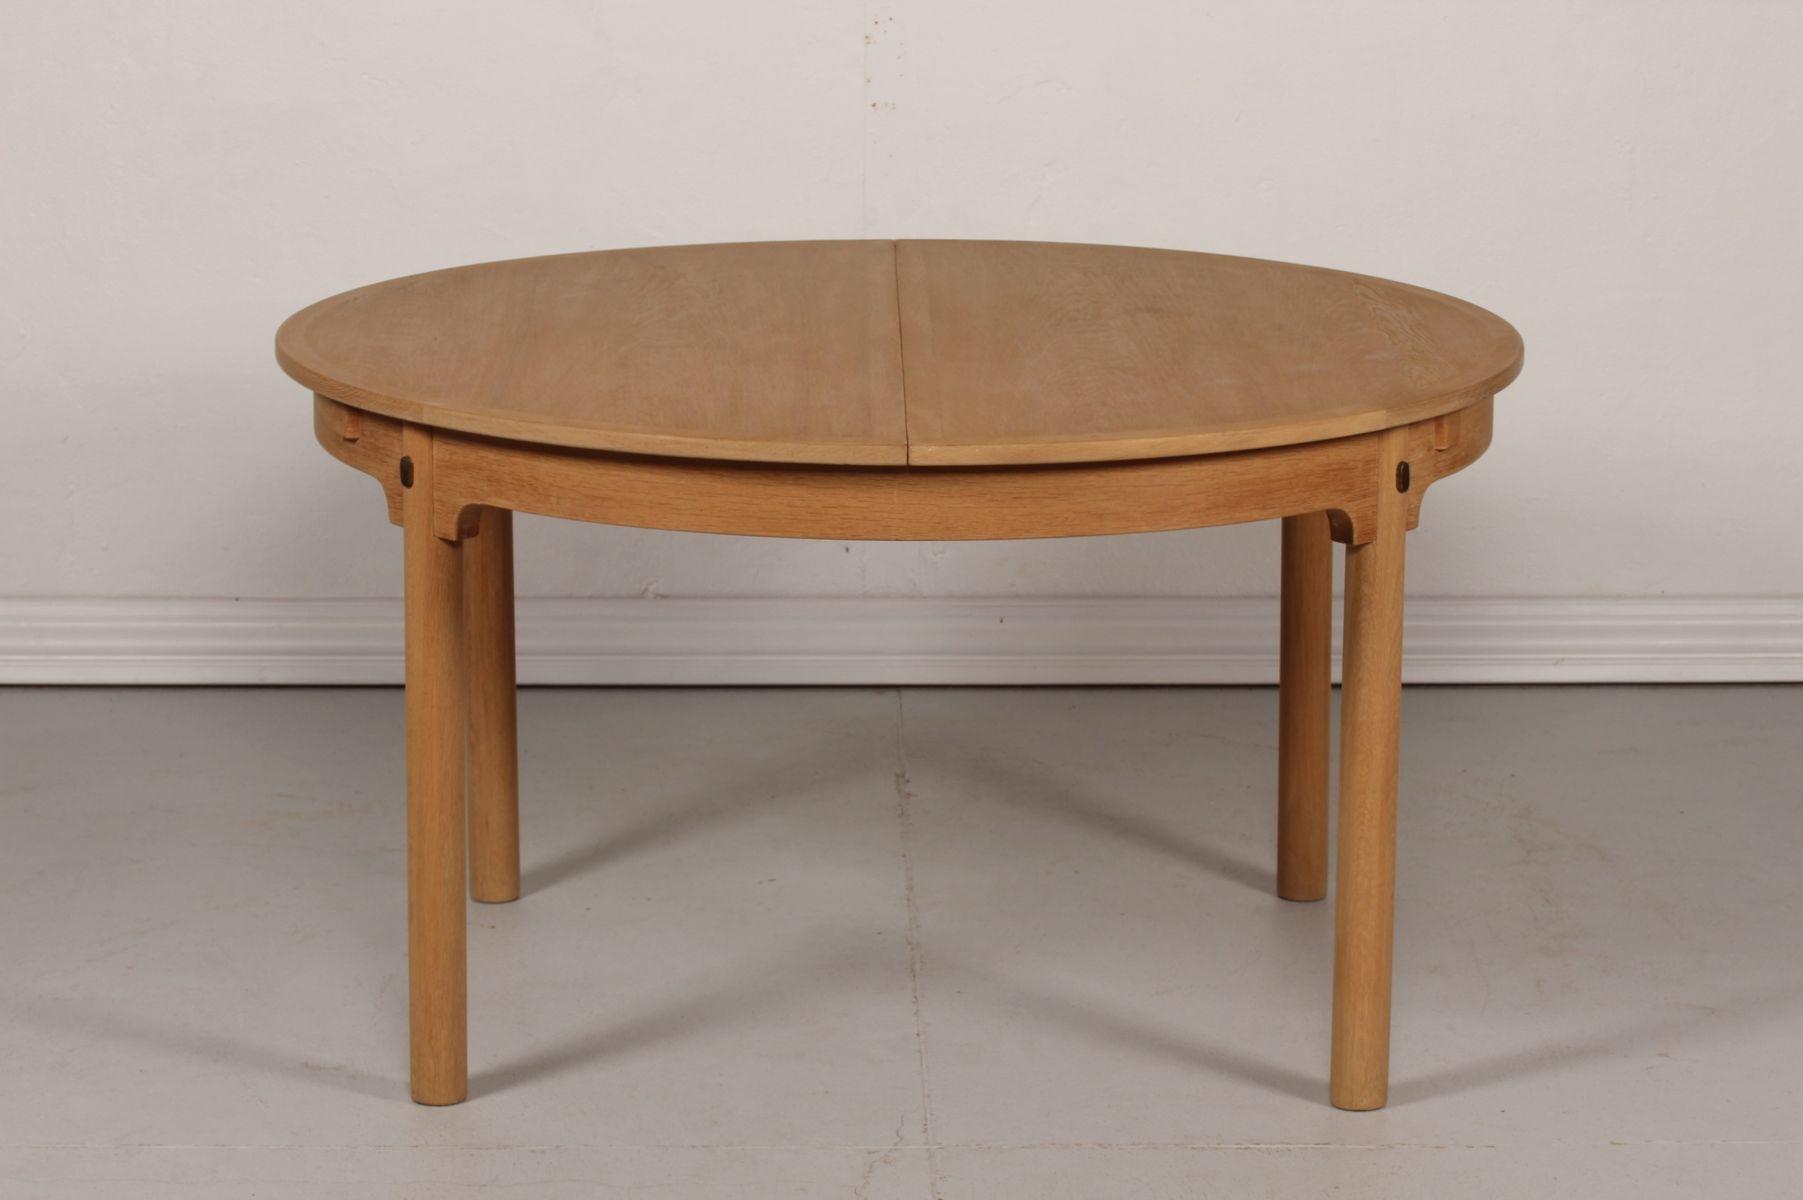 Model ˜resund 141 Oak Dining Table by B¸rge Mogensen for Karl